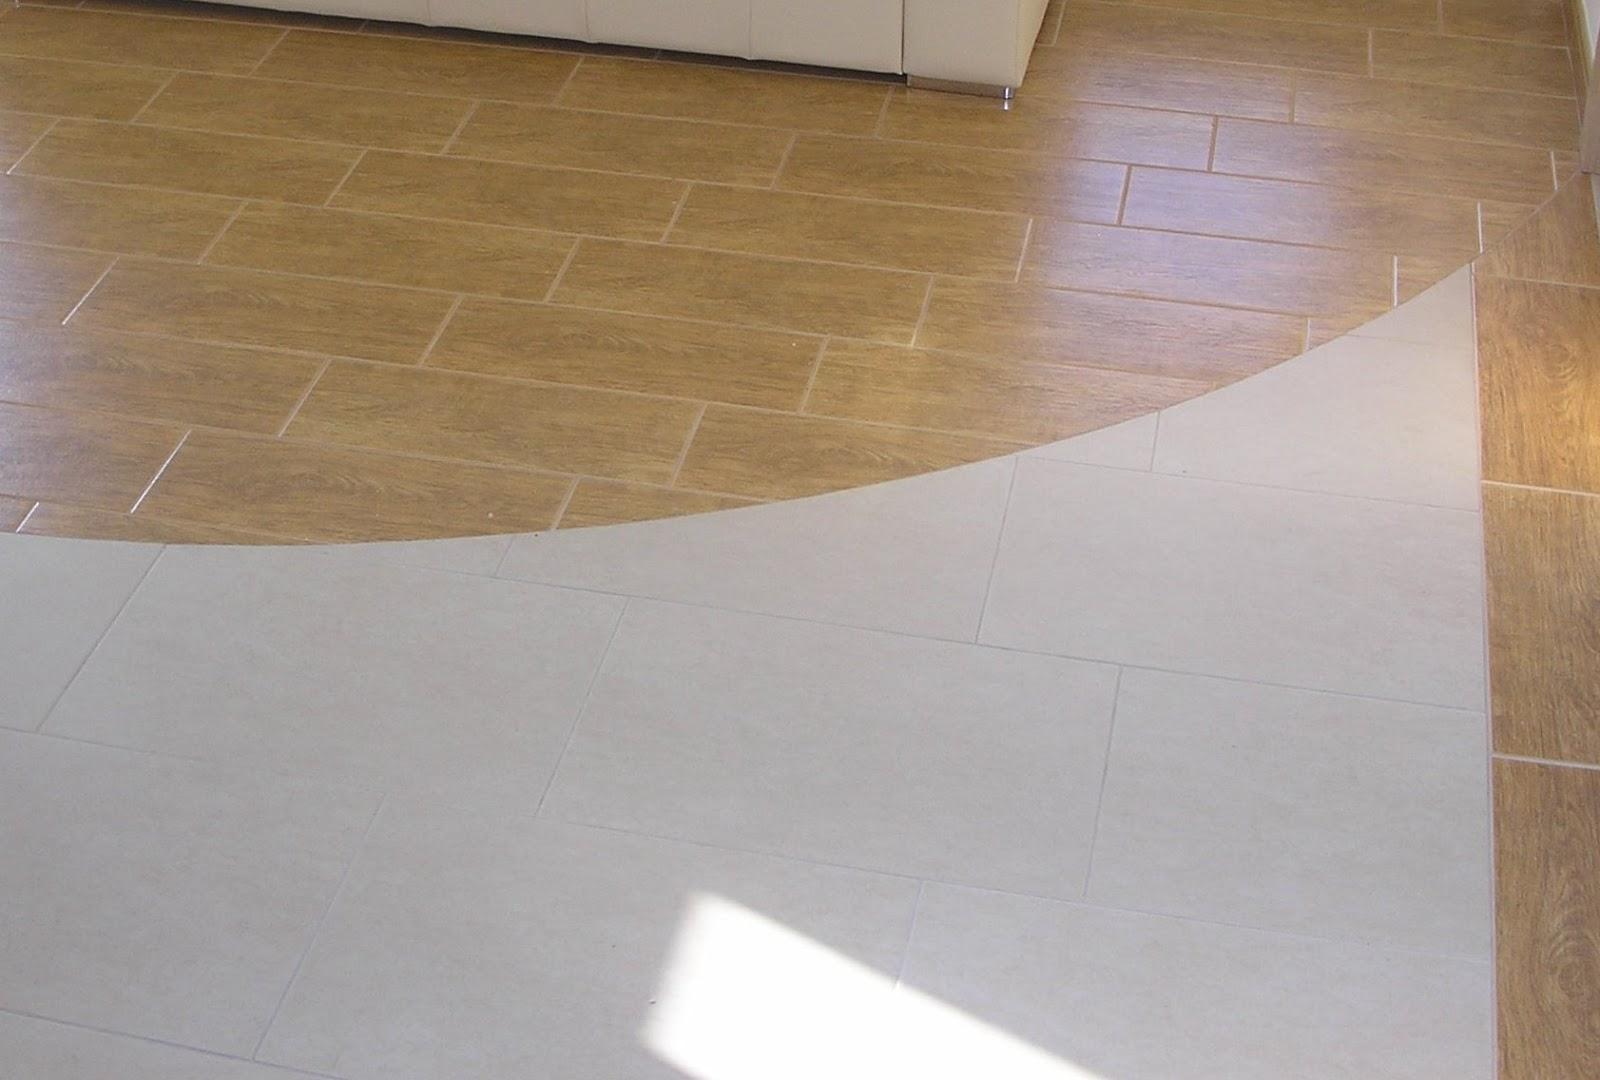 borja ceramic tiles design laminate flooring floating